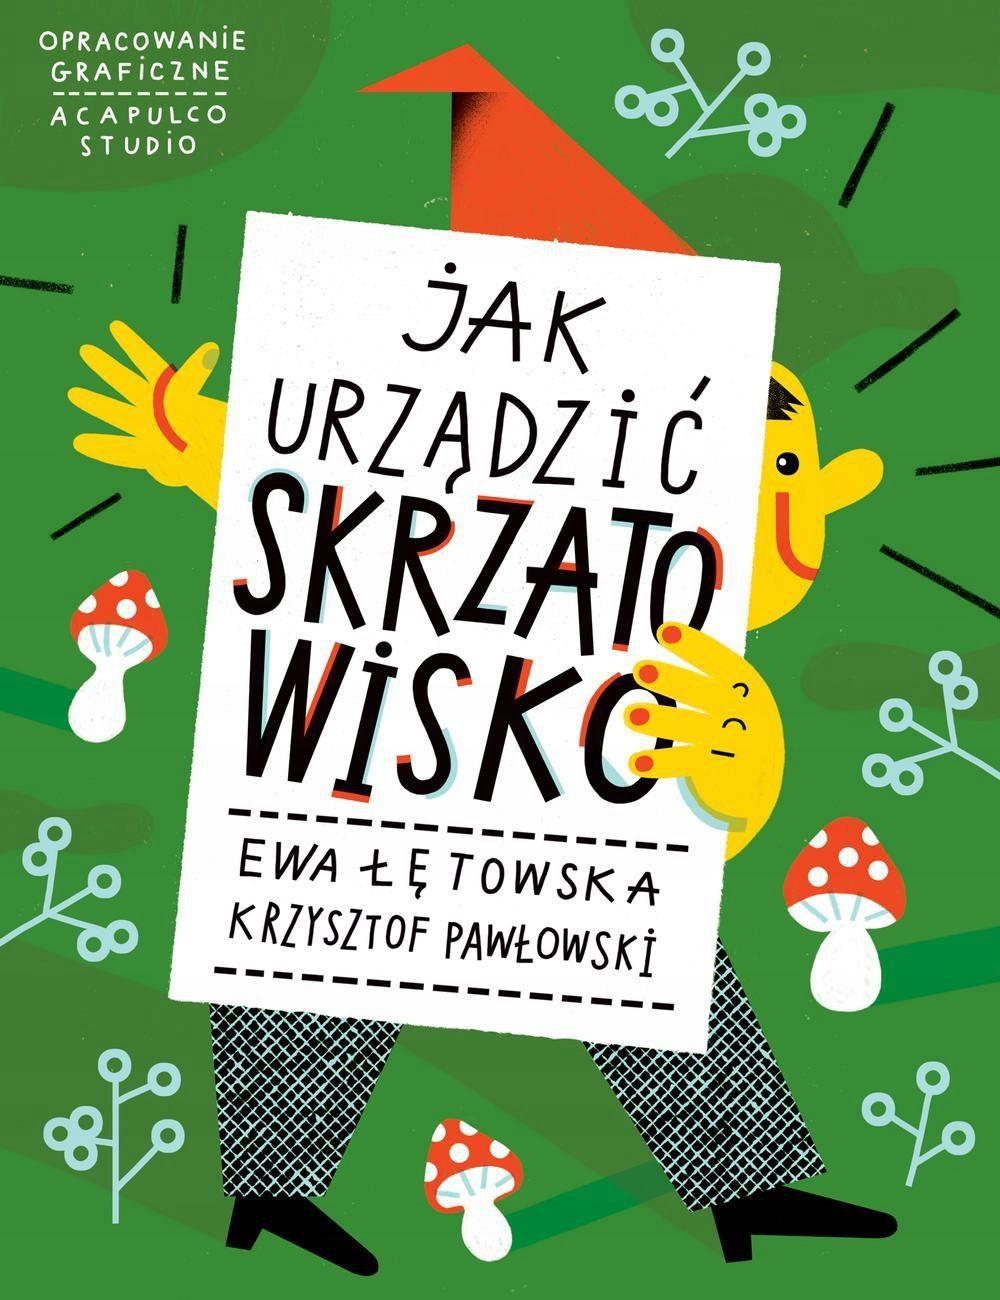 Jak Urzadzic Skrzatowisko Ewa Letowska Ksiazka 7359449554 Oficjalne Archiwum Allegro Book Cover Books Calm Artwork